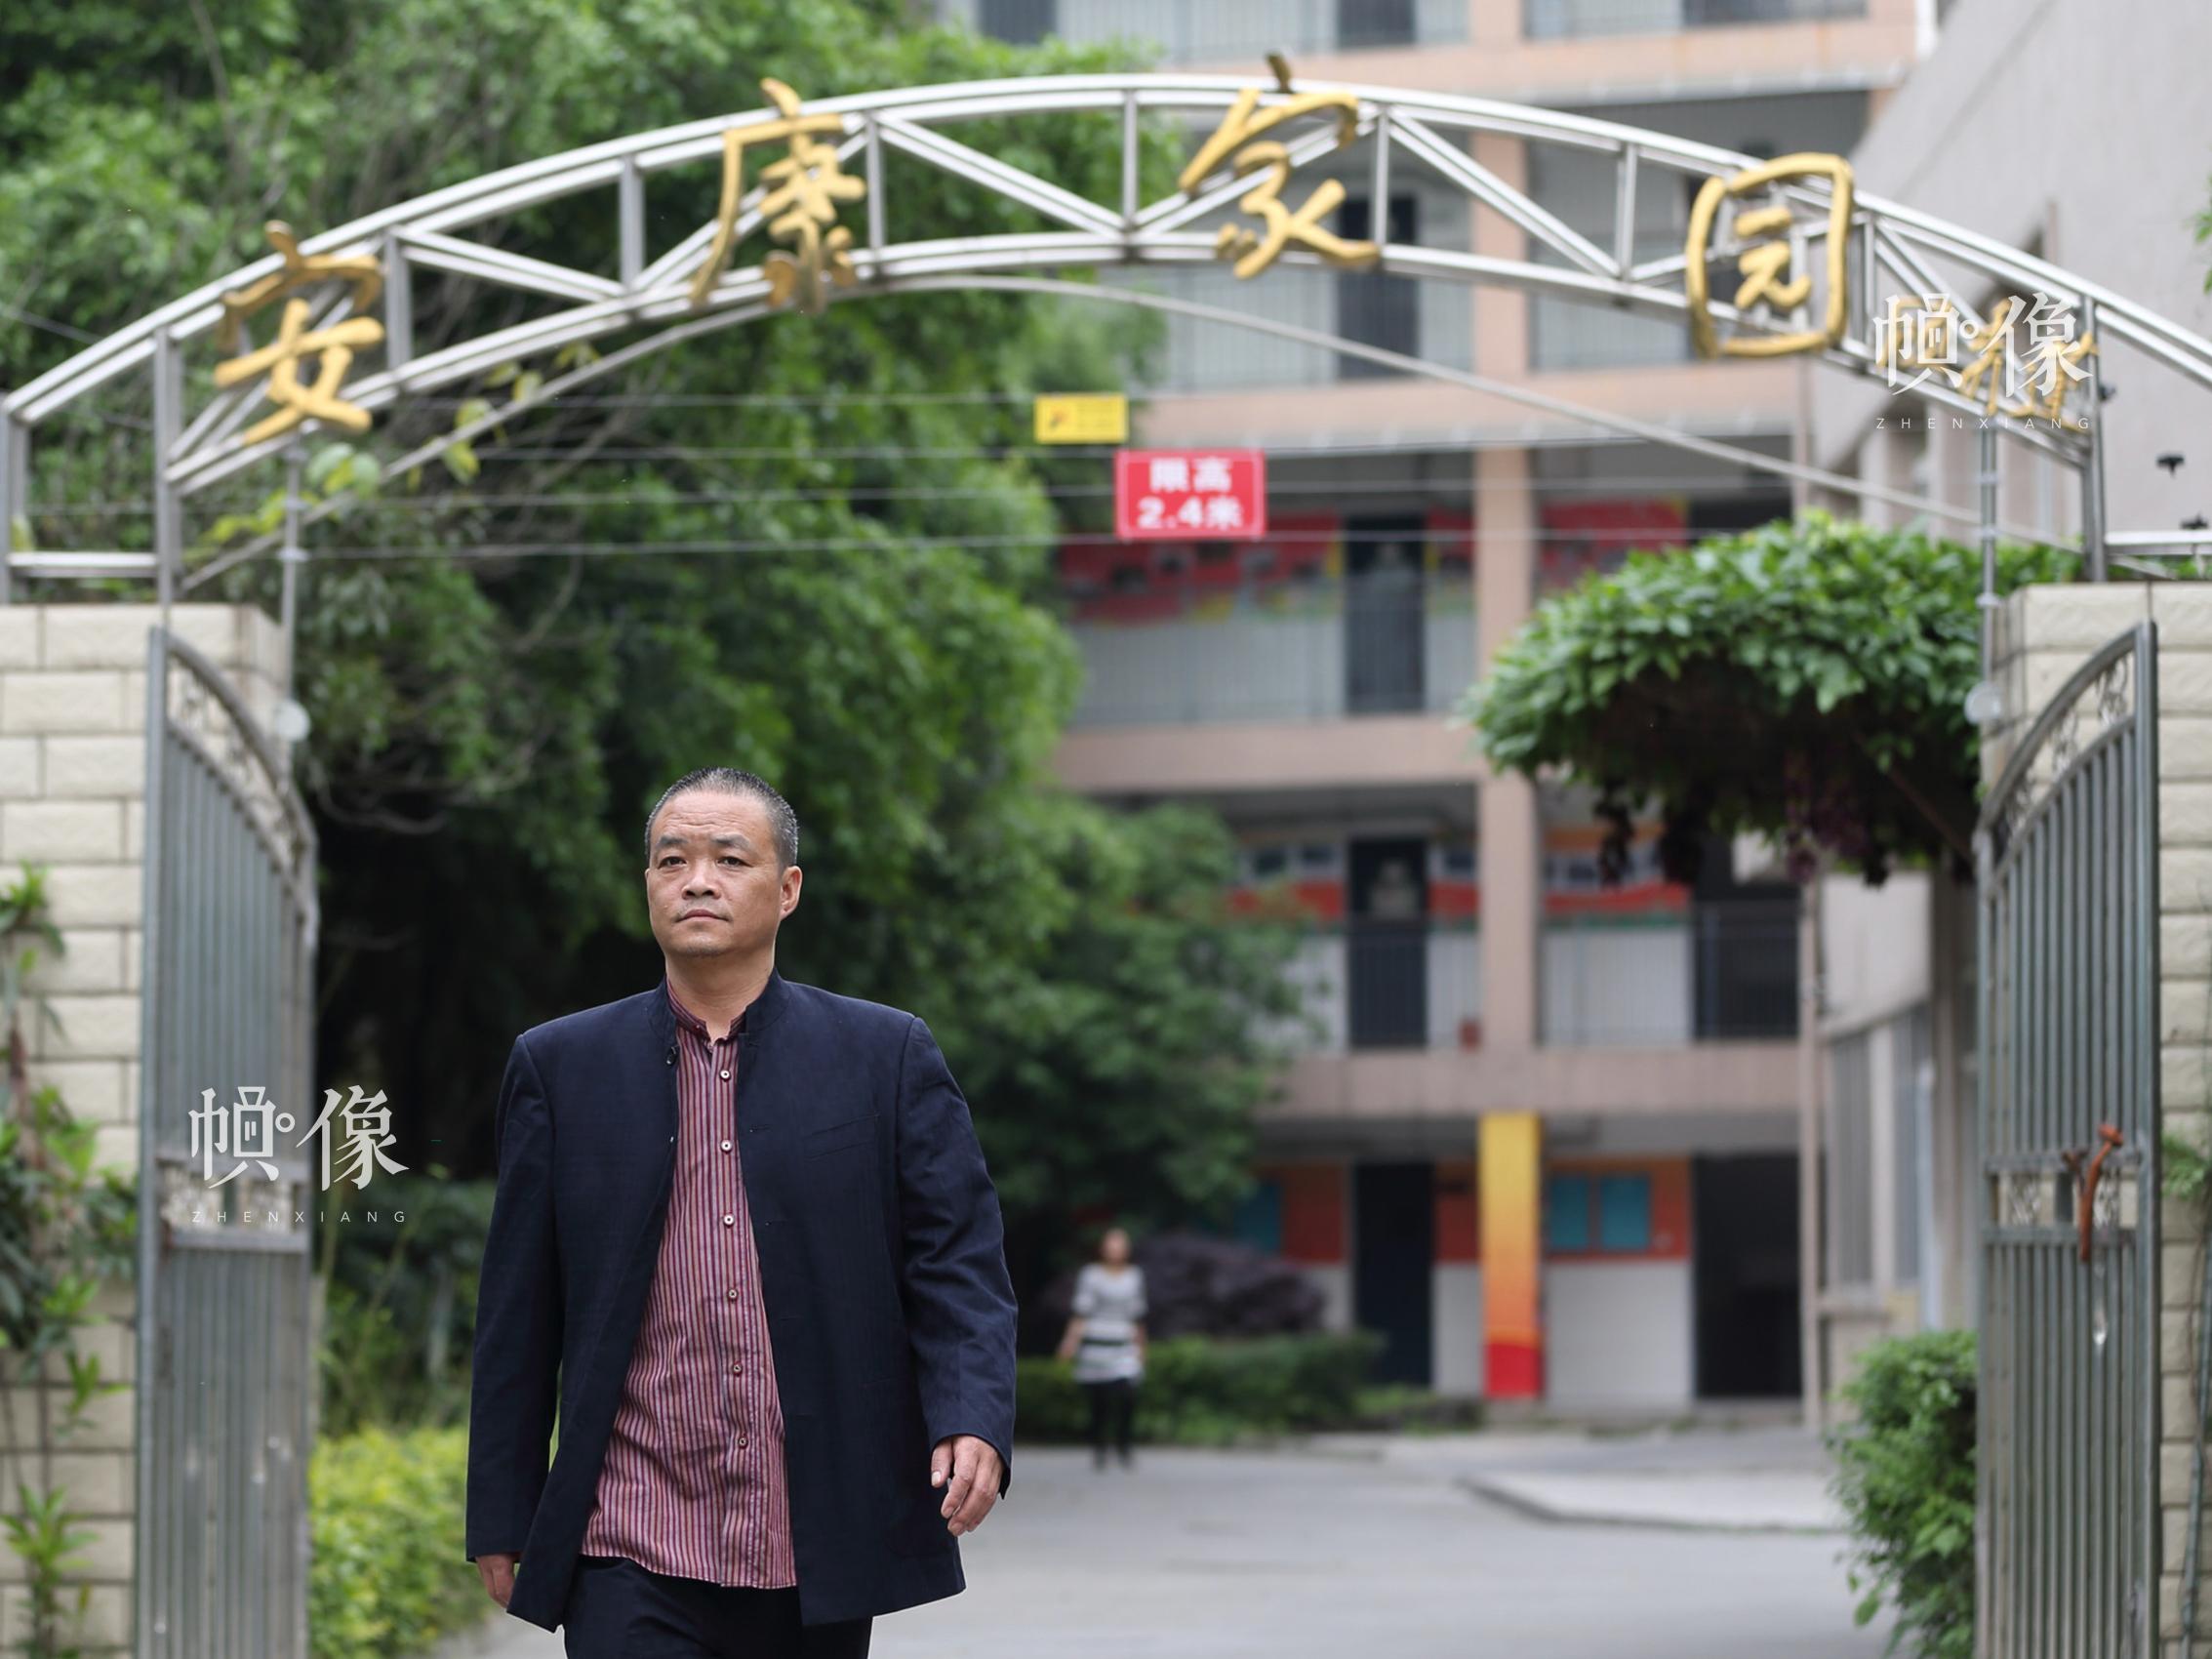 从672个孩子到48个孩子,成都双流安康家园的园长胡源忠在这条路上走了九年。中国网记者 陈维松 摄